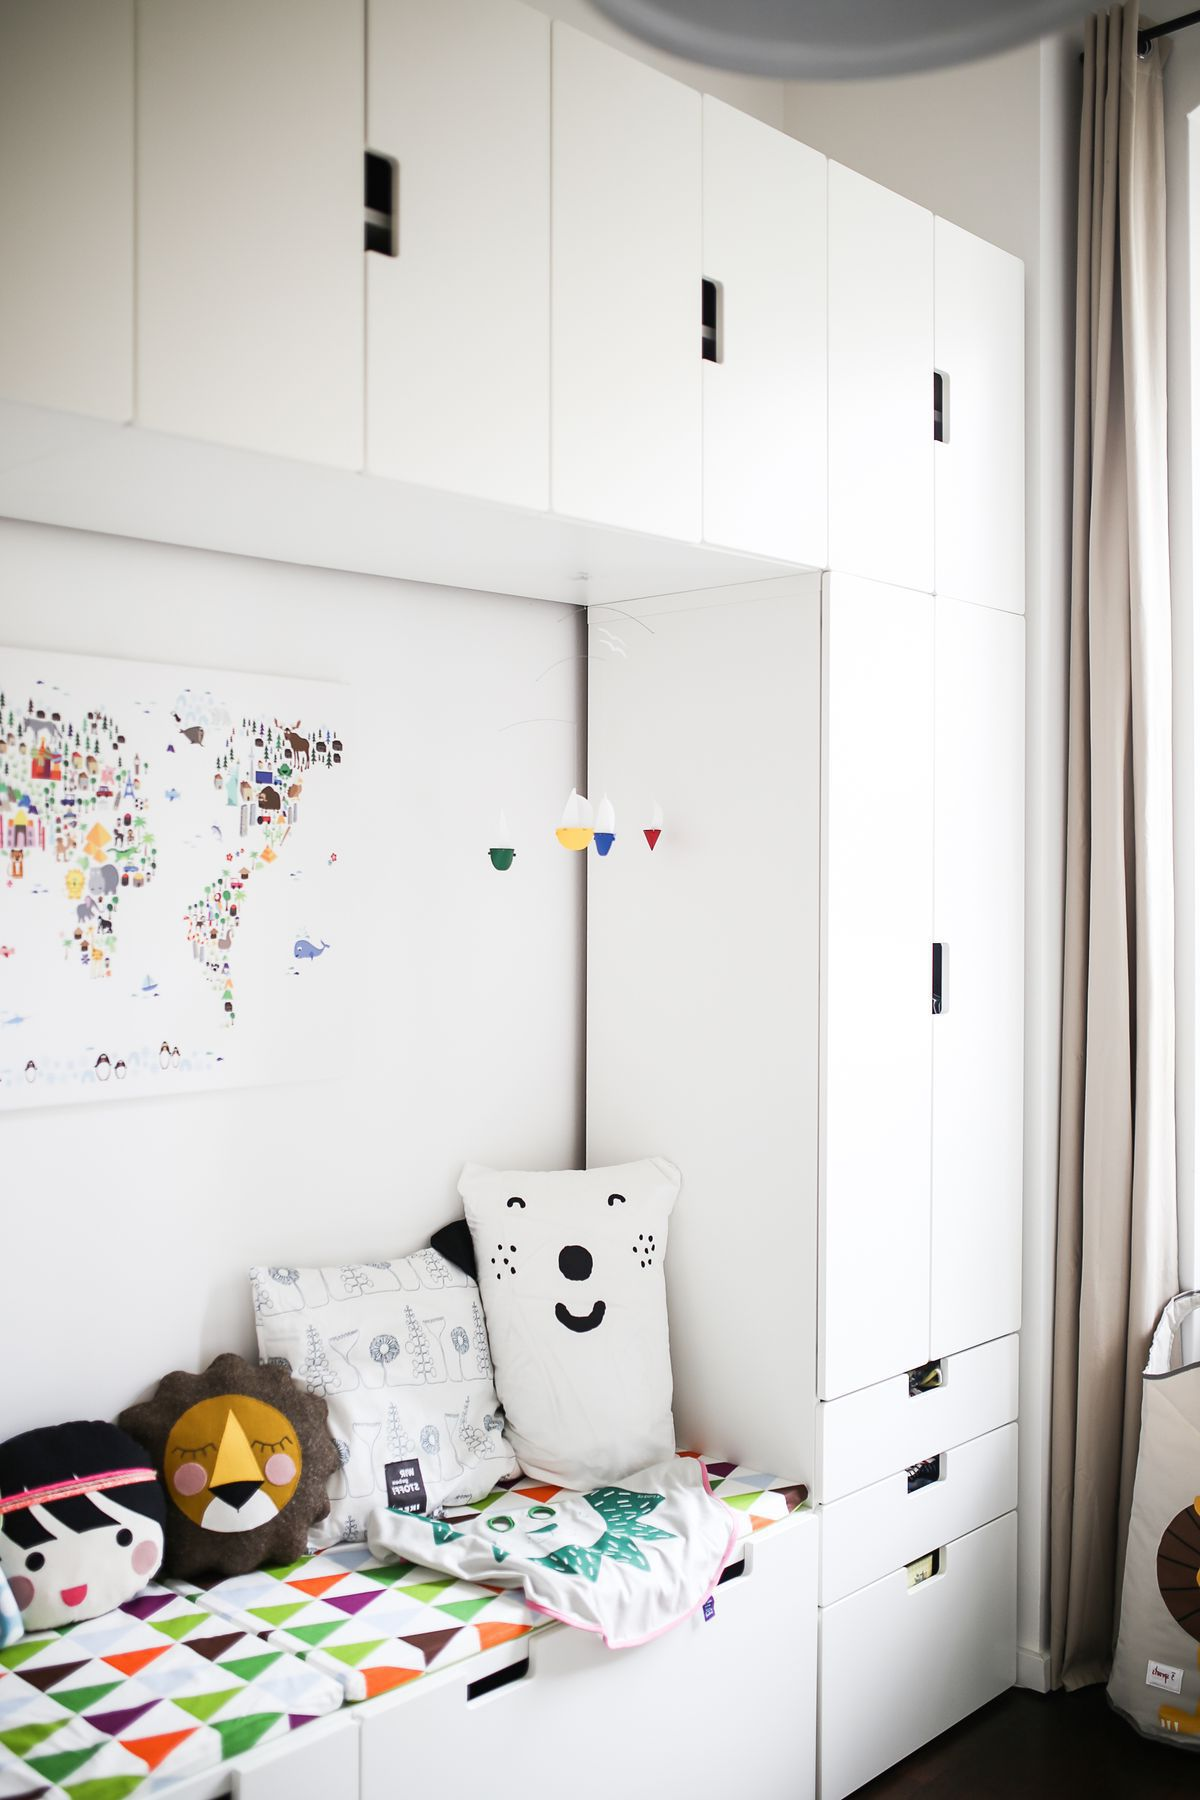 Sof y almacenamiento de organizaci n en el cuarto de ni os con la ayuda de la serie ikea stuva - Ikea almacenamiento ninos ...